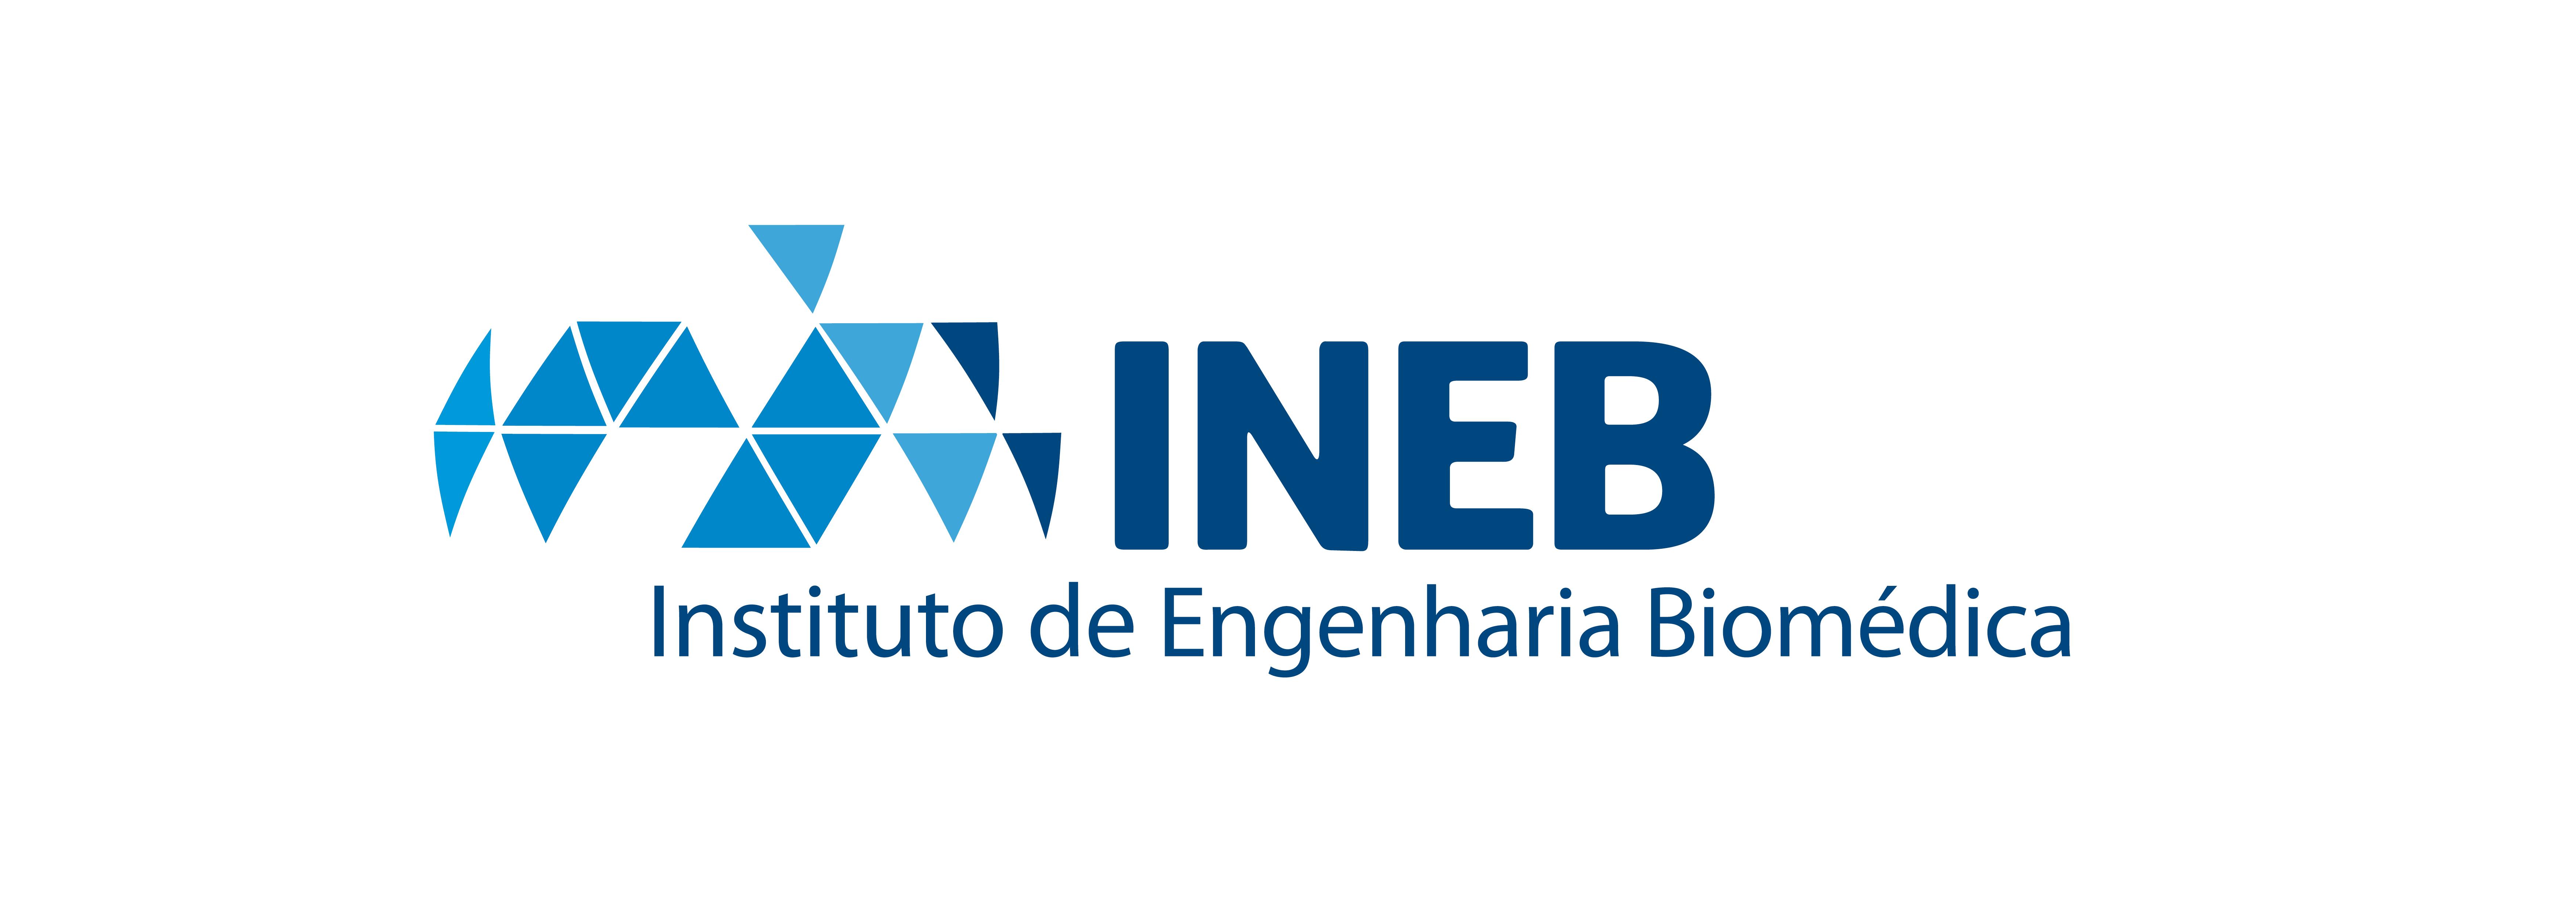 INEB-cópia